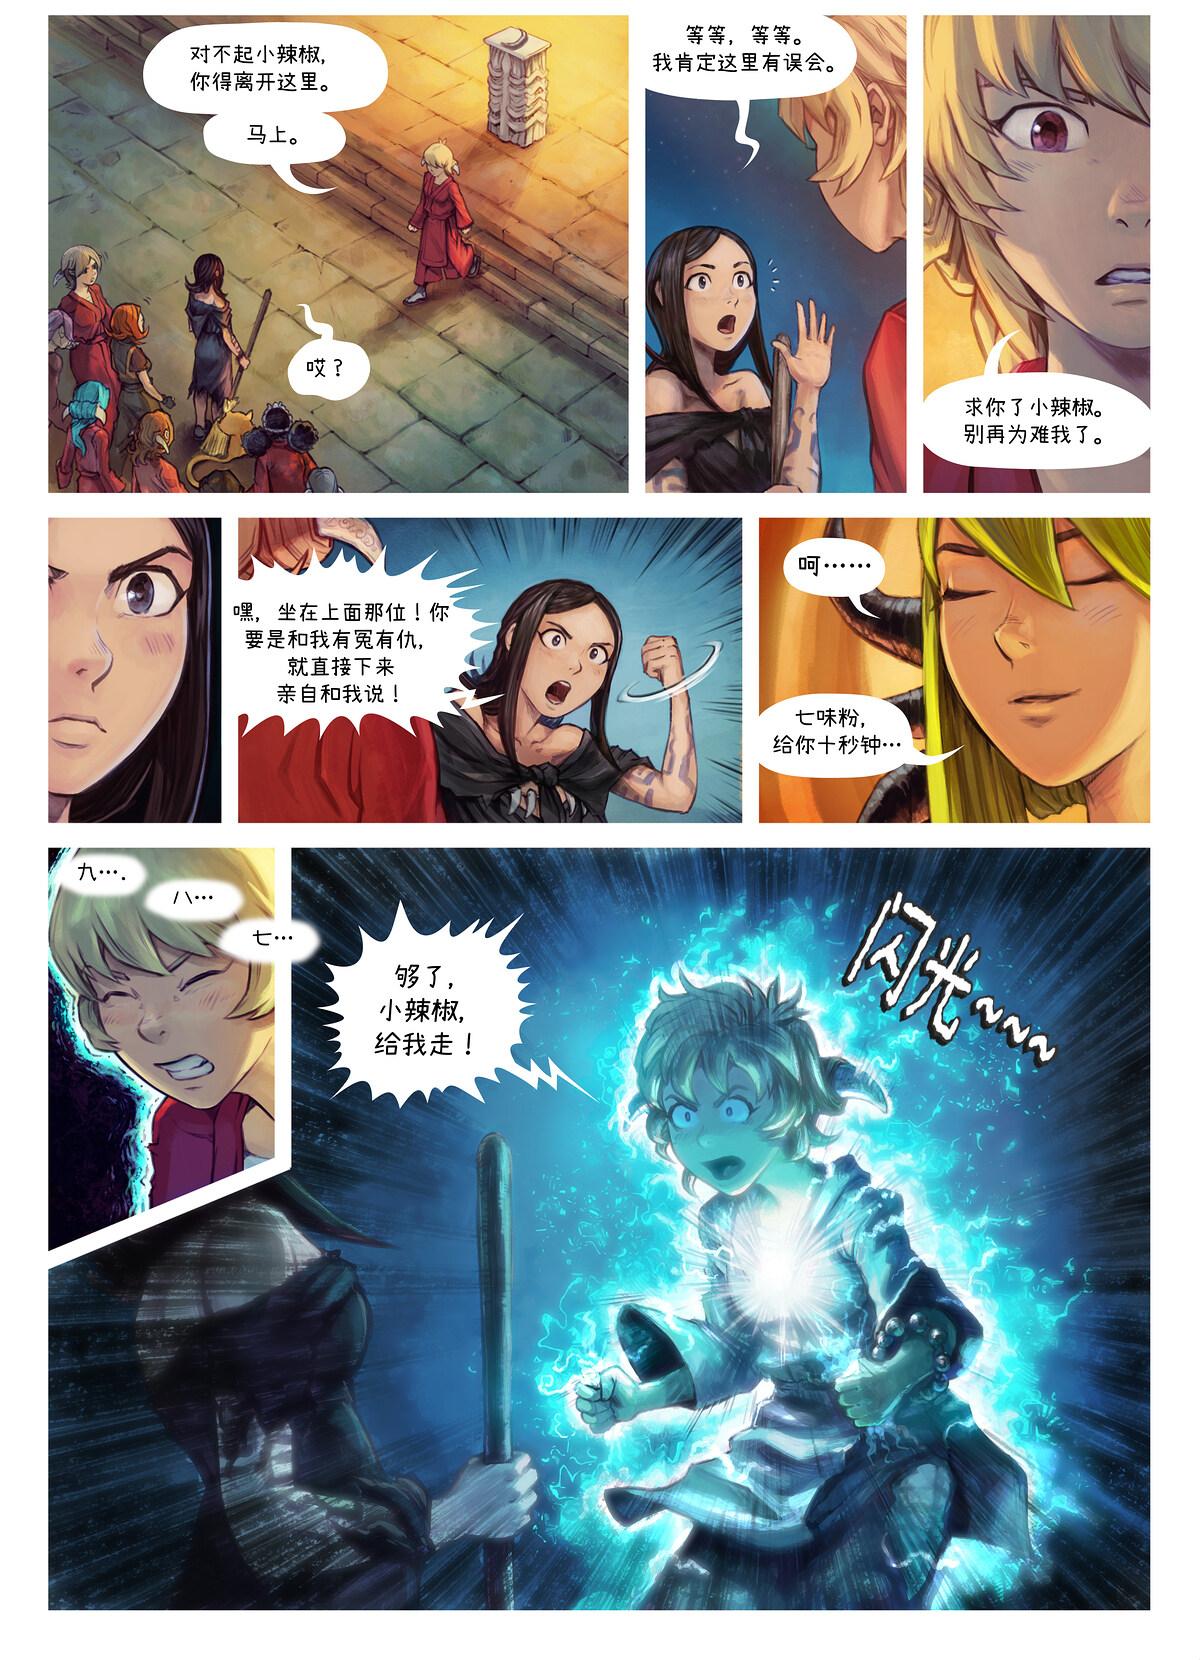 第34集:七味粉的册封仪式, Page 5